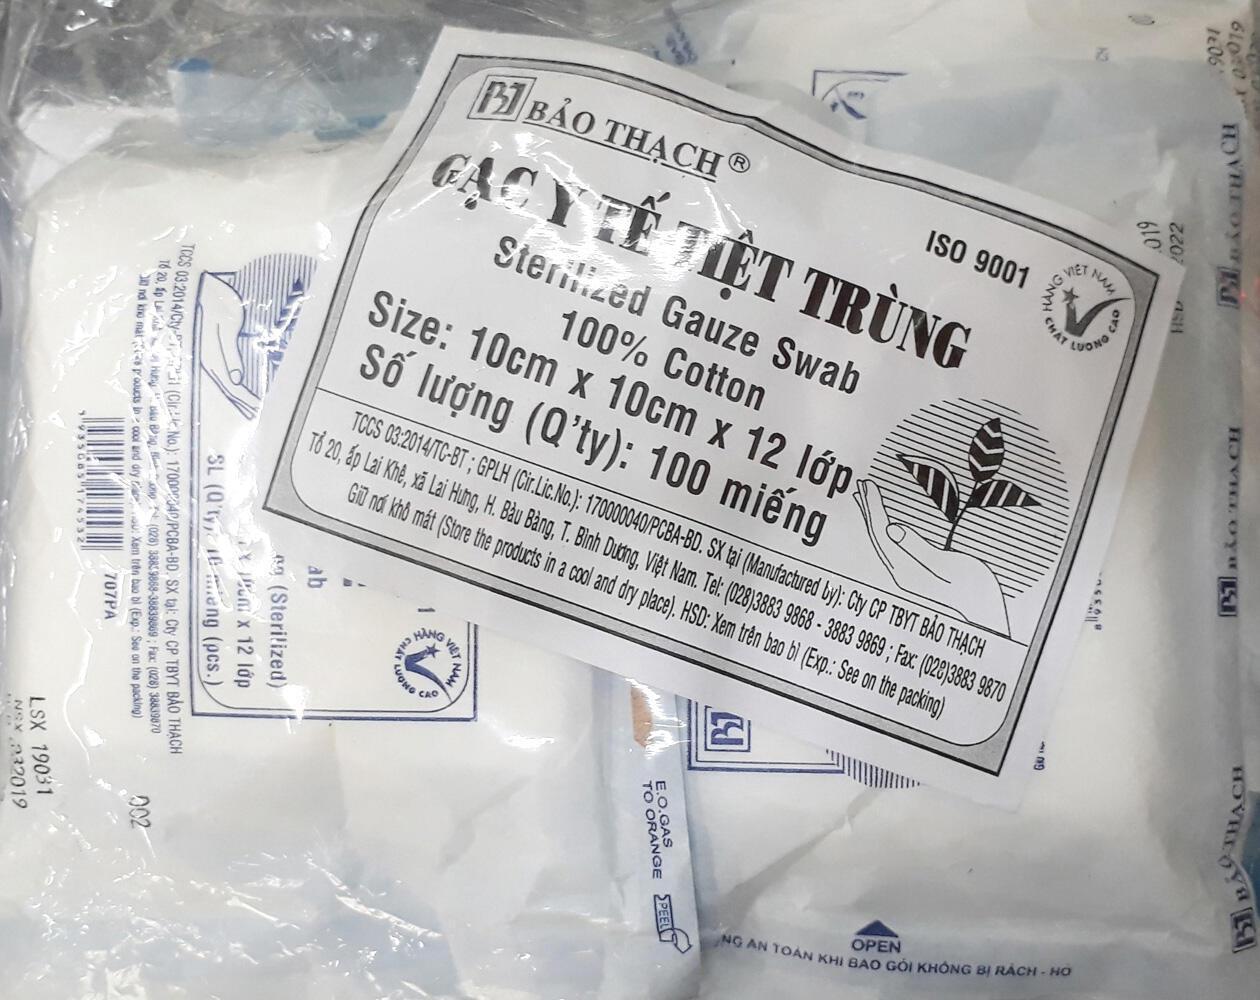 Gạc y tế tiệt trùng Bảo Thạch